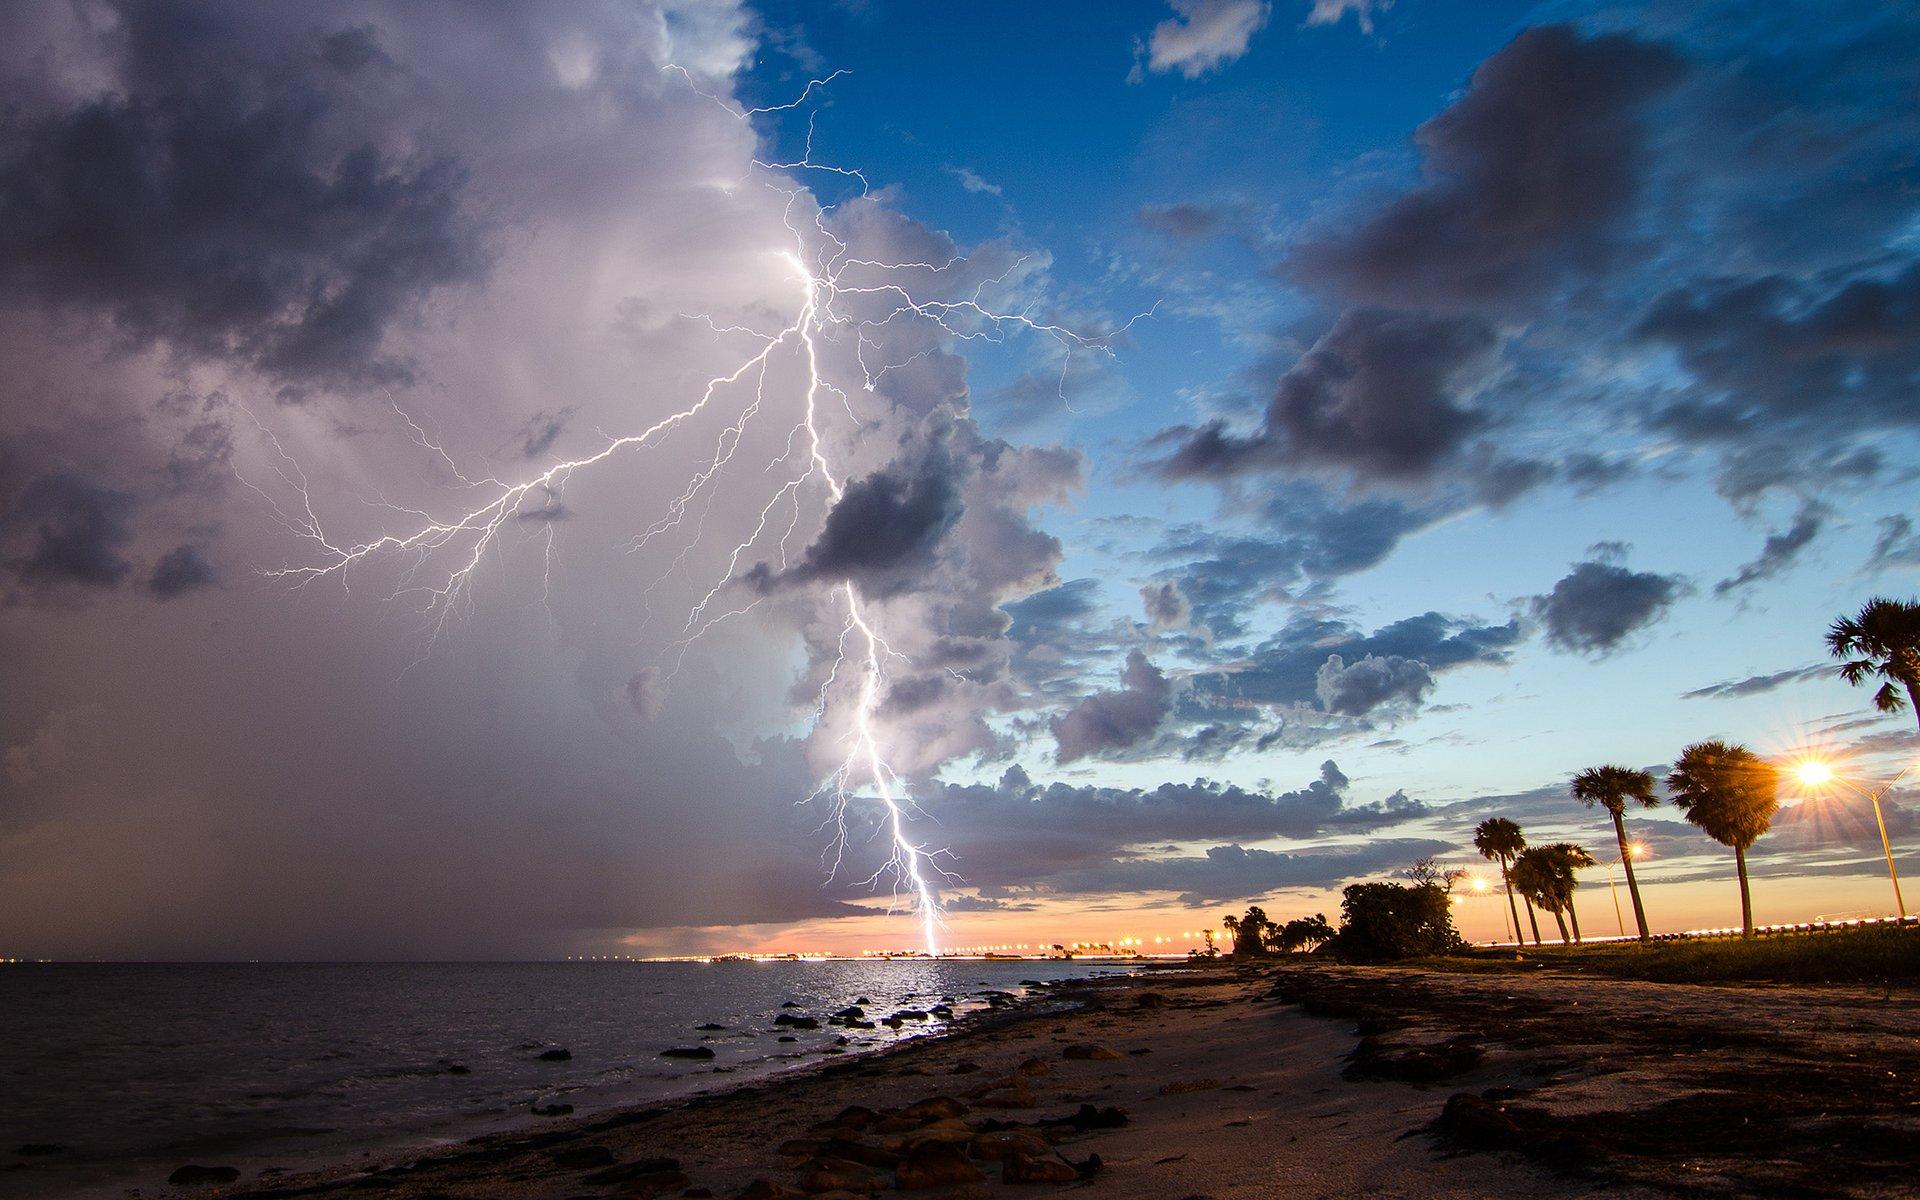 Lightning Clouds Storm Beach f wallpaper 1920x1200 247993 1920x1200